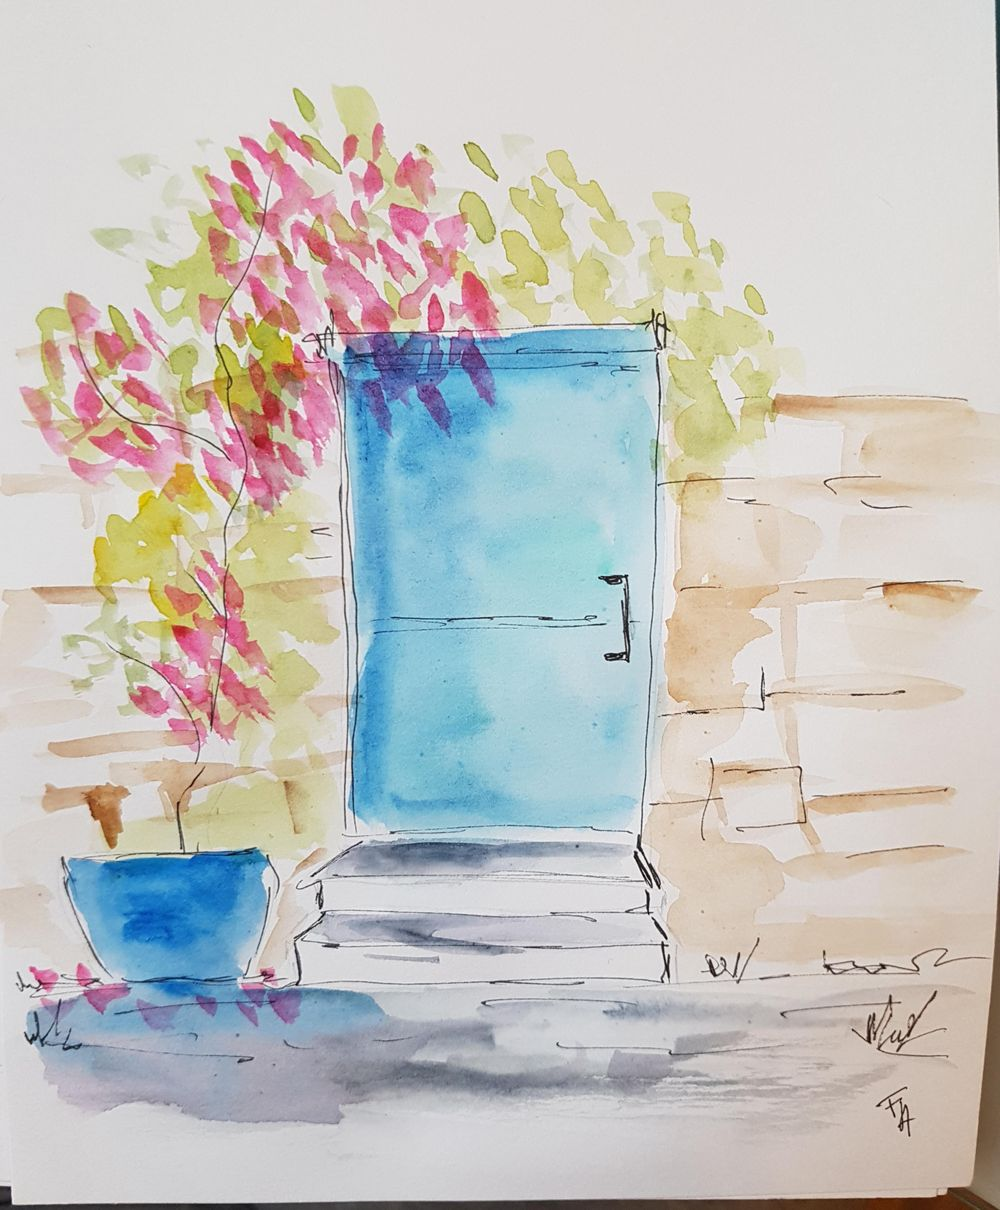 sketching door - image 1 - student project